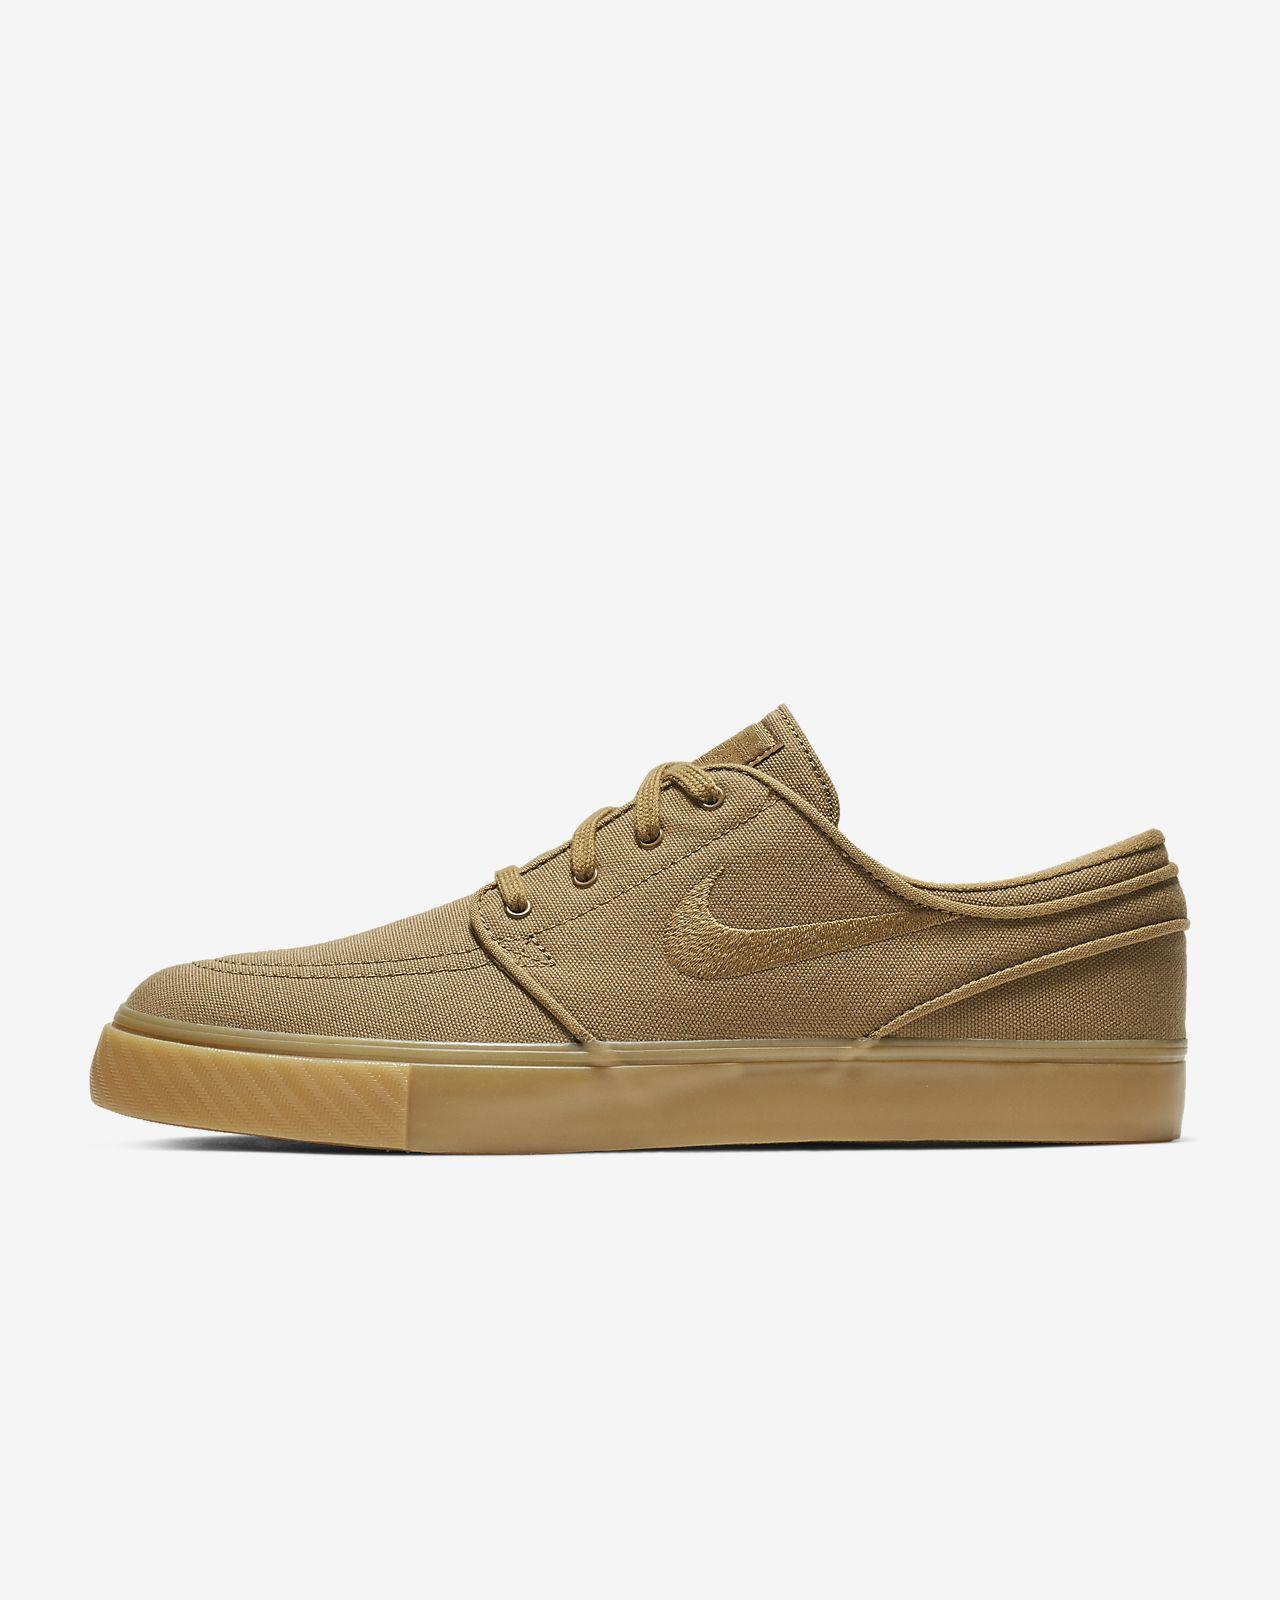 Nike SB Zoom Stefan Janoski Canvas Erkek Kaykay Ayakkabısı